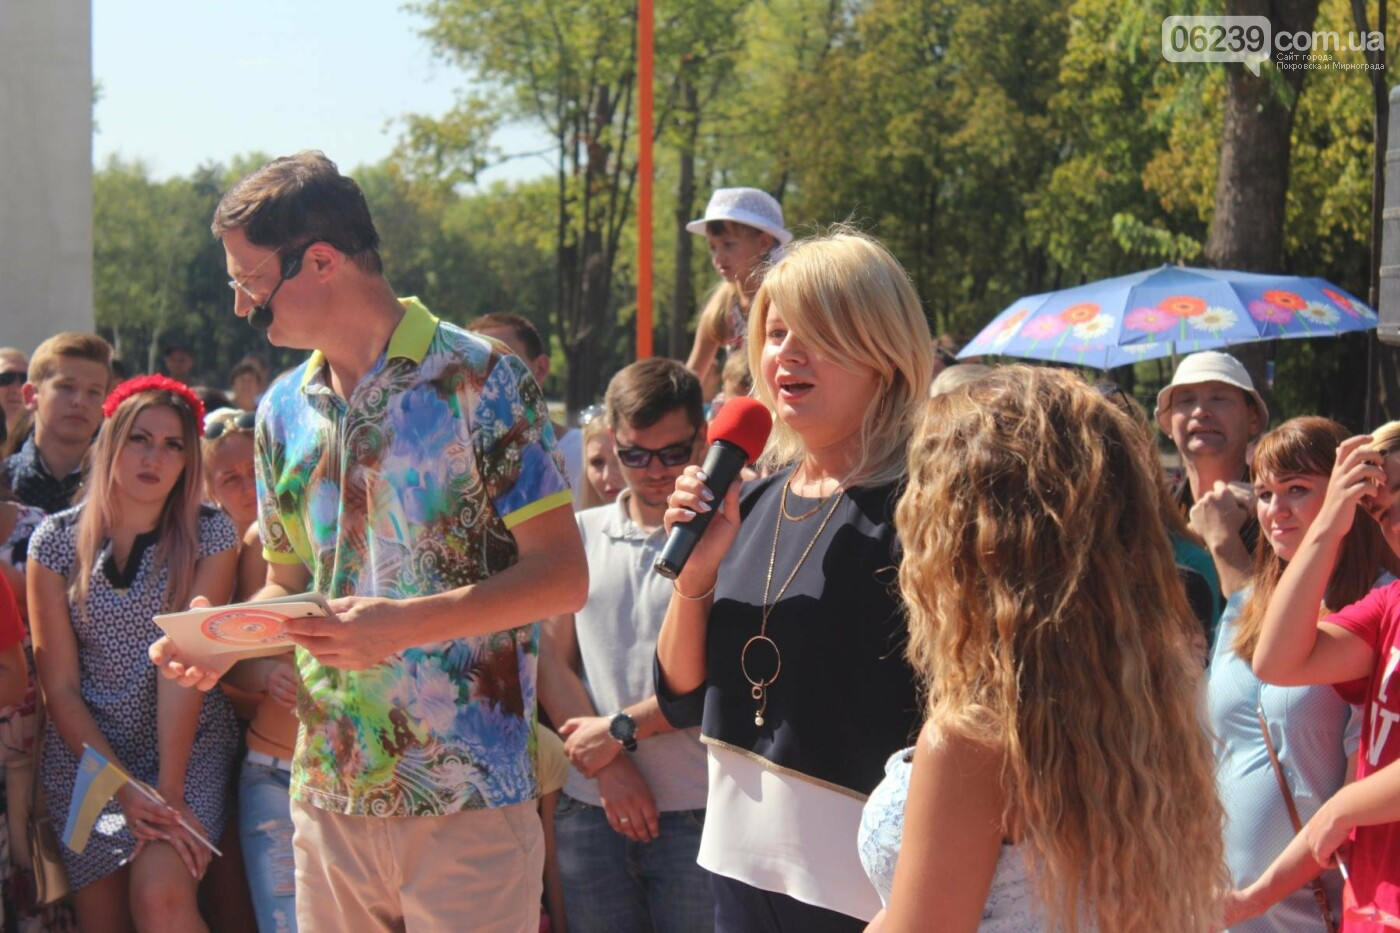 """Покровск показал свои таланты: в городе отсняли два выпуска телепередачи """"Караоке на майдане"""", фото-10"""